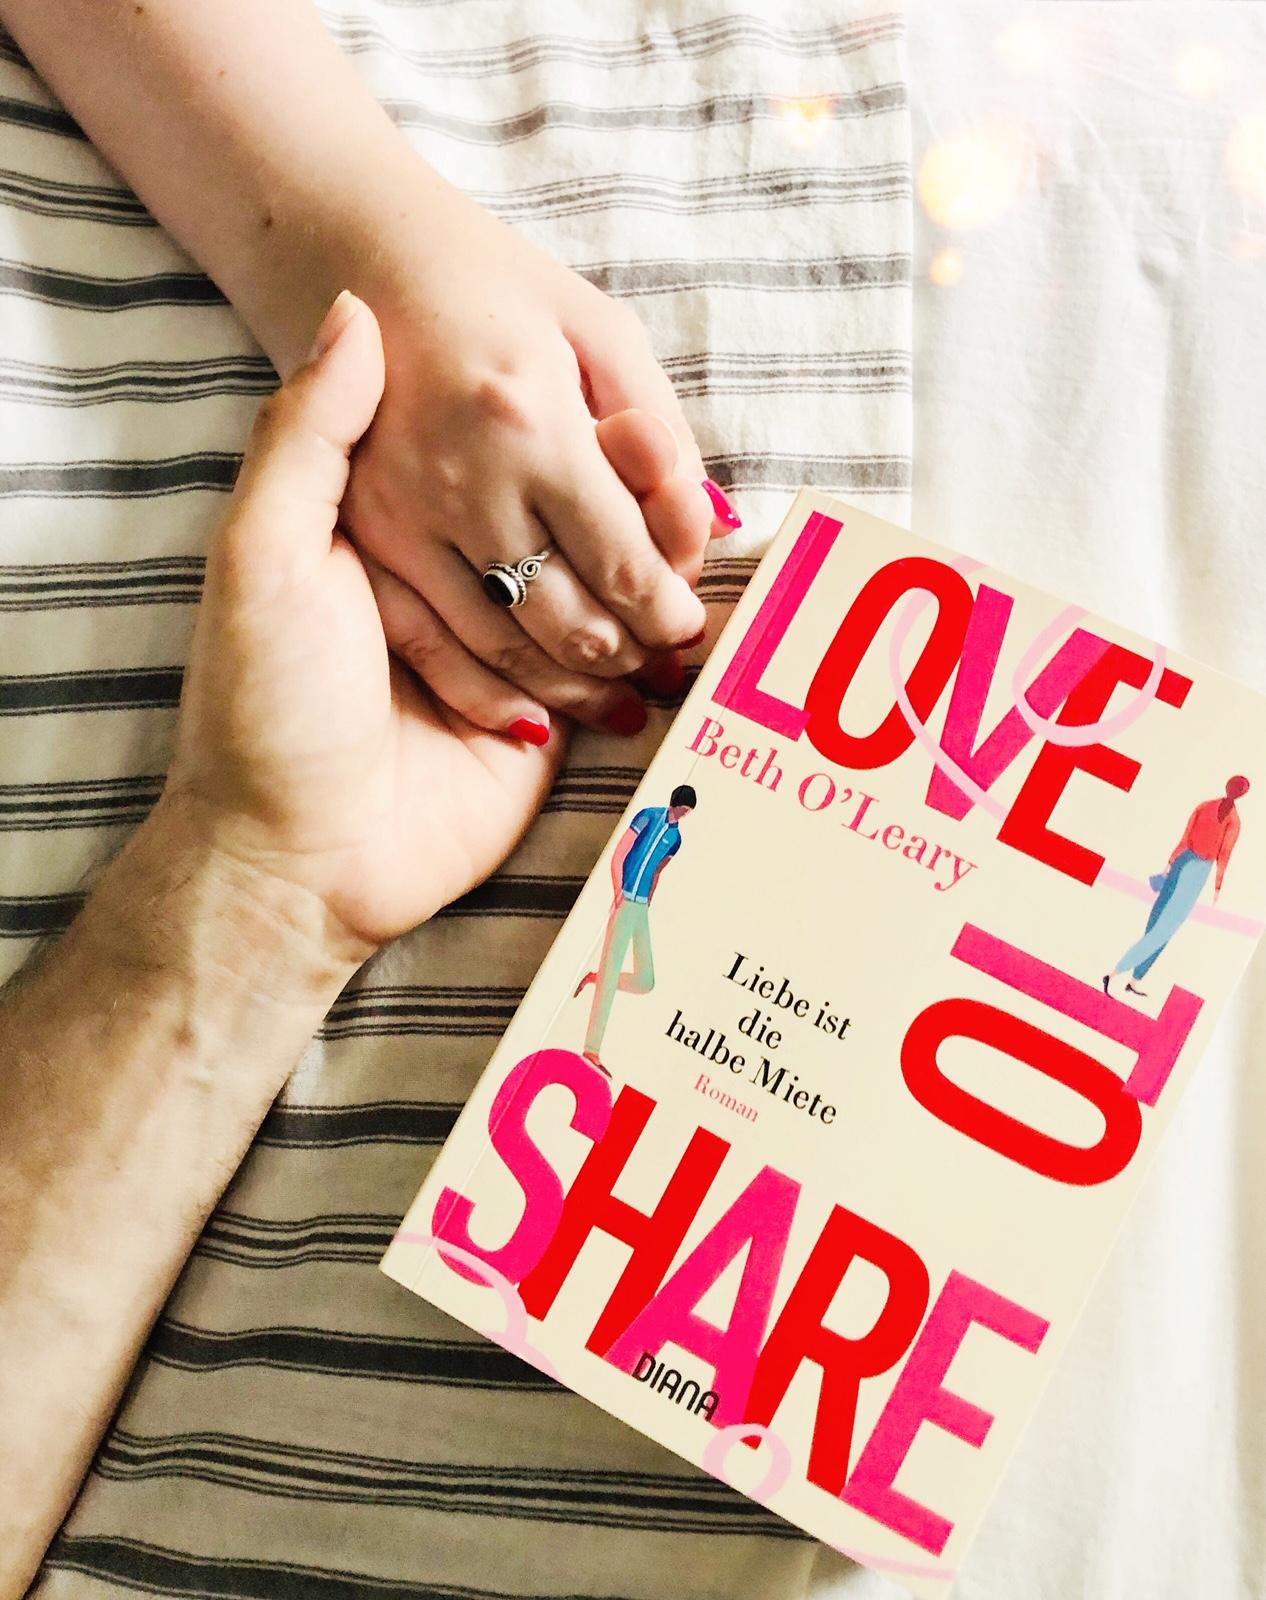 Liebe Ist Die Halbe Miete